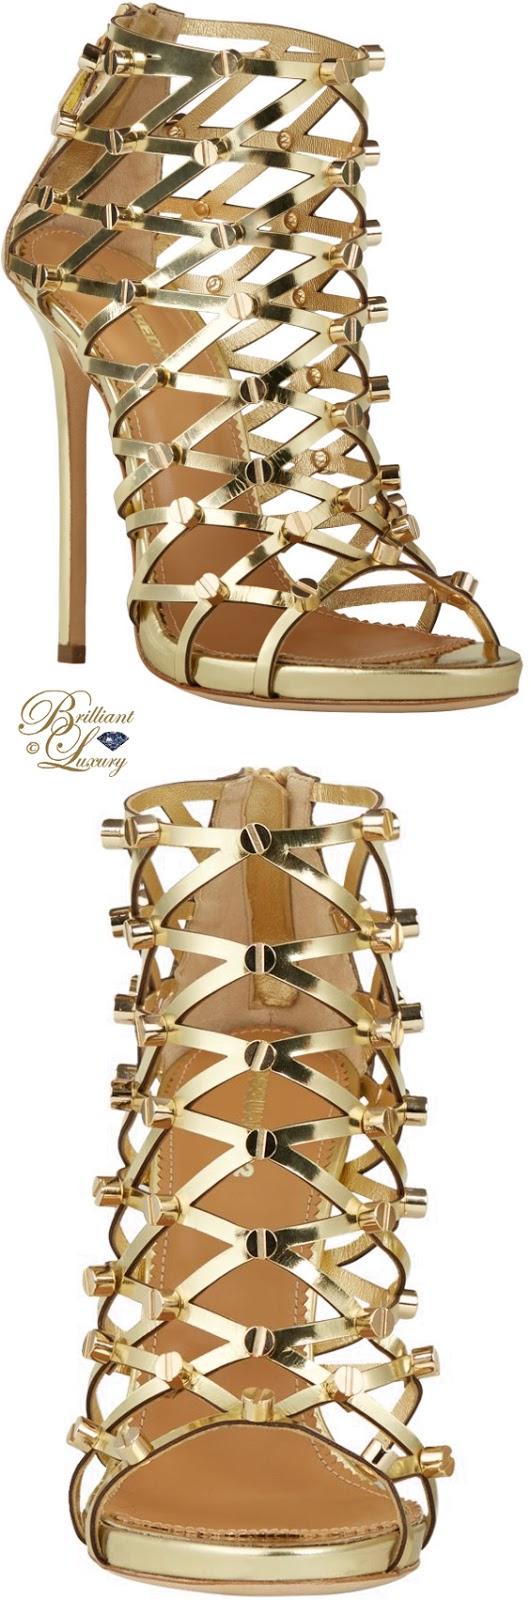 Brilliant Luxury ♦ Dsquared2 Xenia golden studd sandals